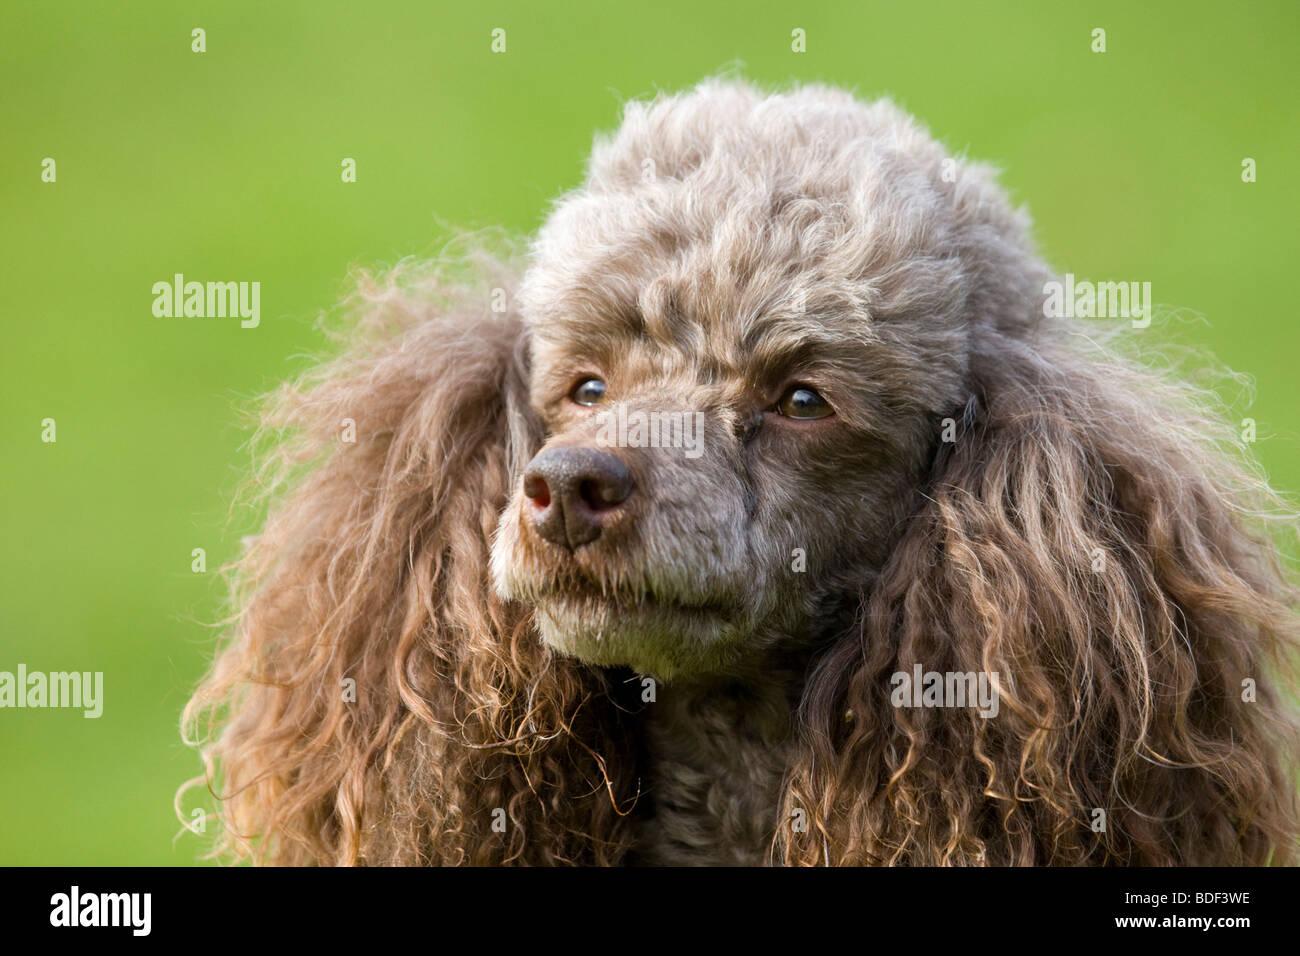 A poodle dog portrait. - Stock Image